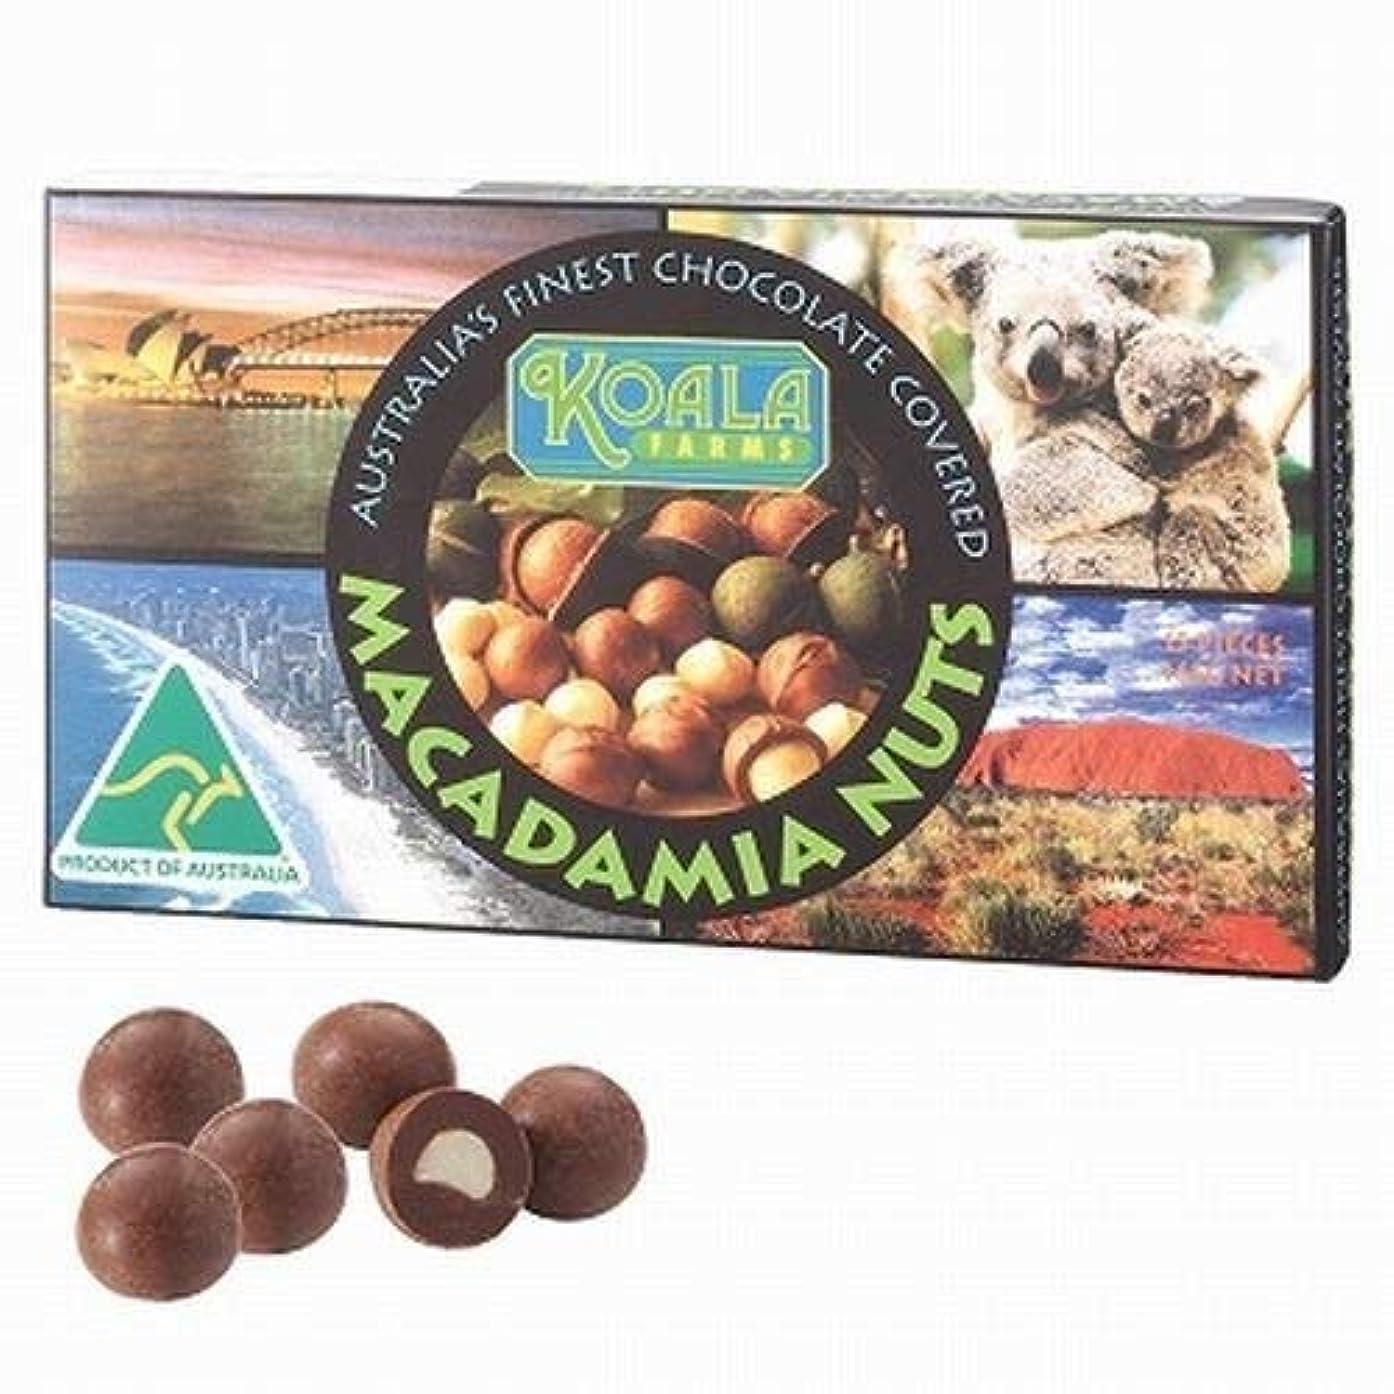 気がついて弁護人スカープコアラファームズ マカデミアナッツ チョコレート 1箱【オーストラリア 海外土産 輸入食品 スイーツ】